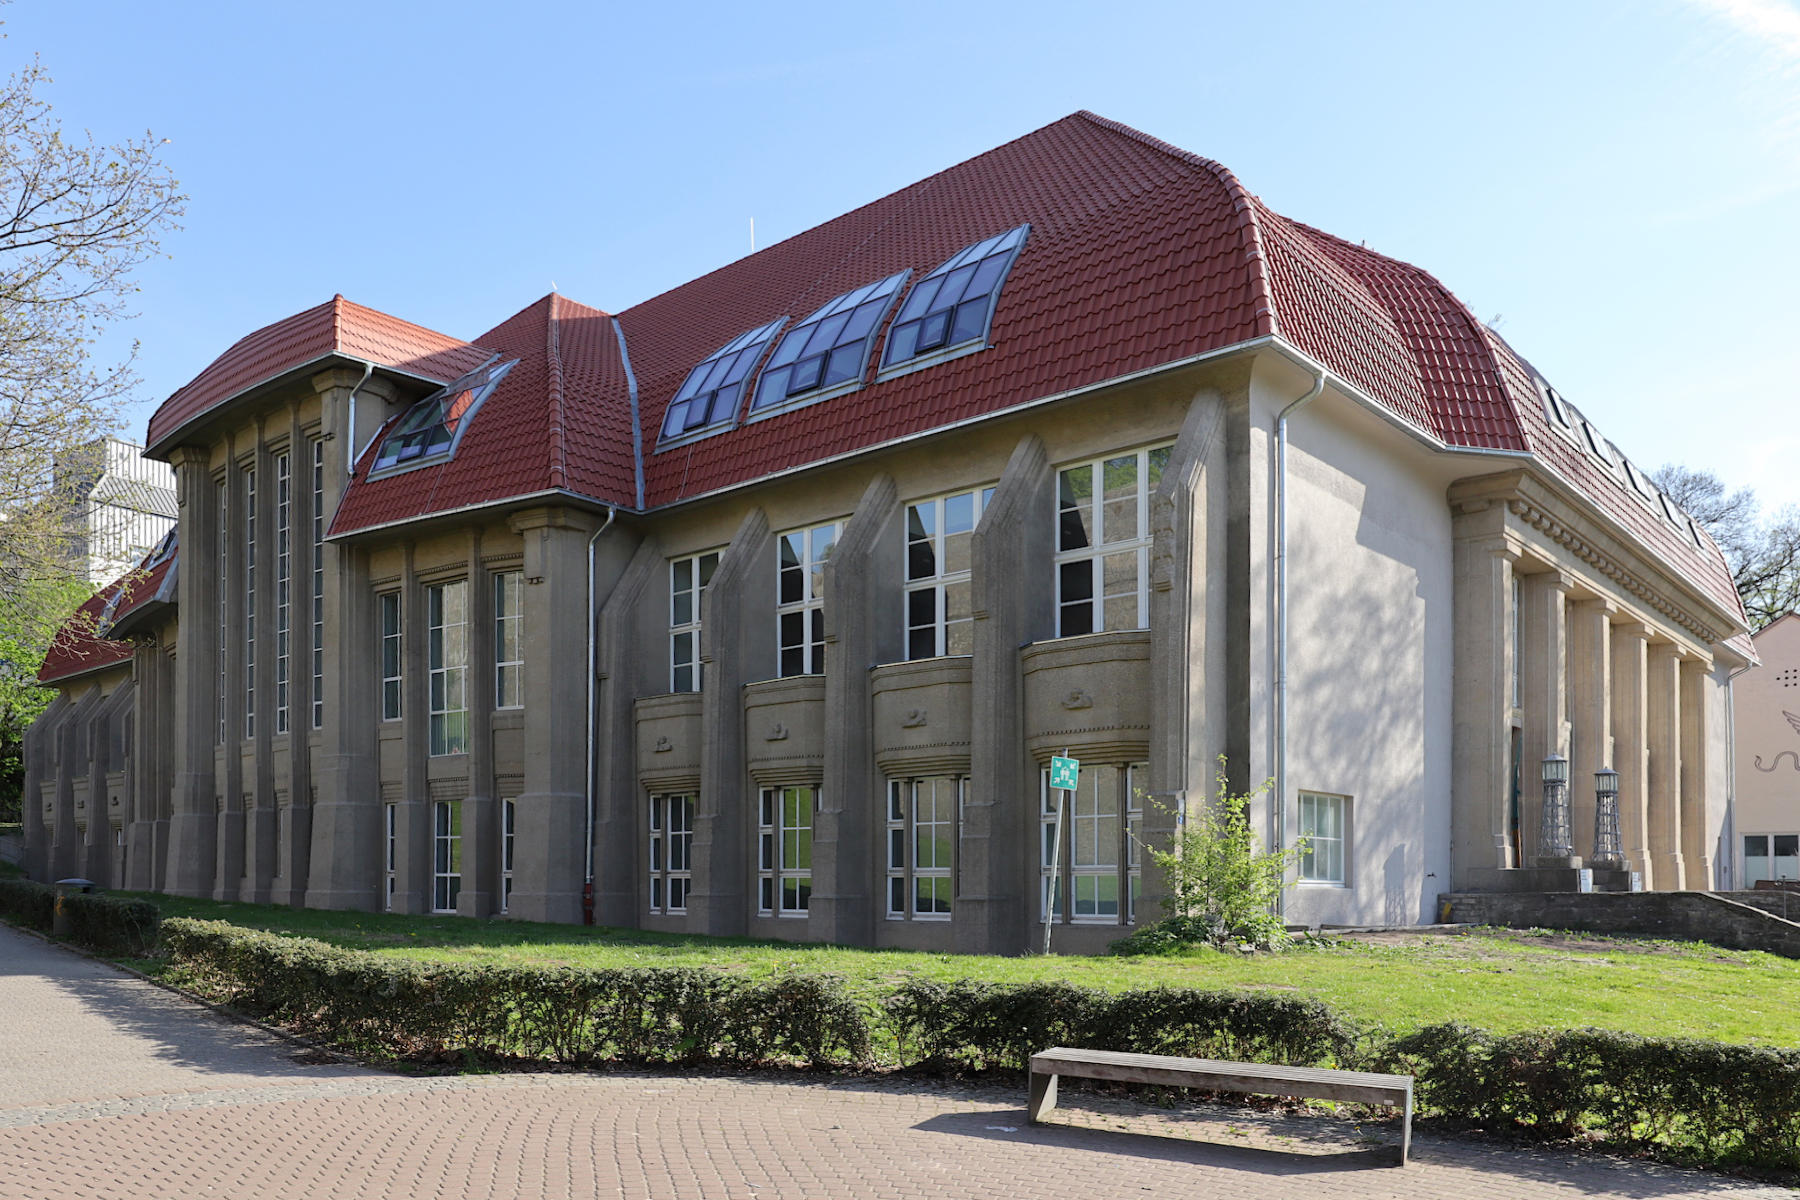 Musik- und Kunstschule. Das Haus steht für den reformerischen Geist vor dem ersten großen Krieg. Entwurf: Friedrich Schultz und 1913 fertiggestellt.